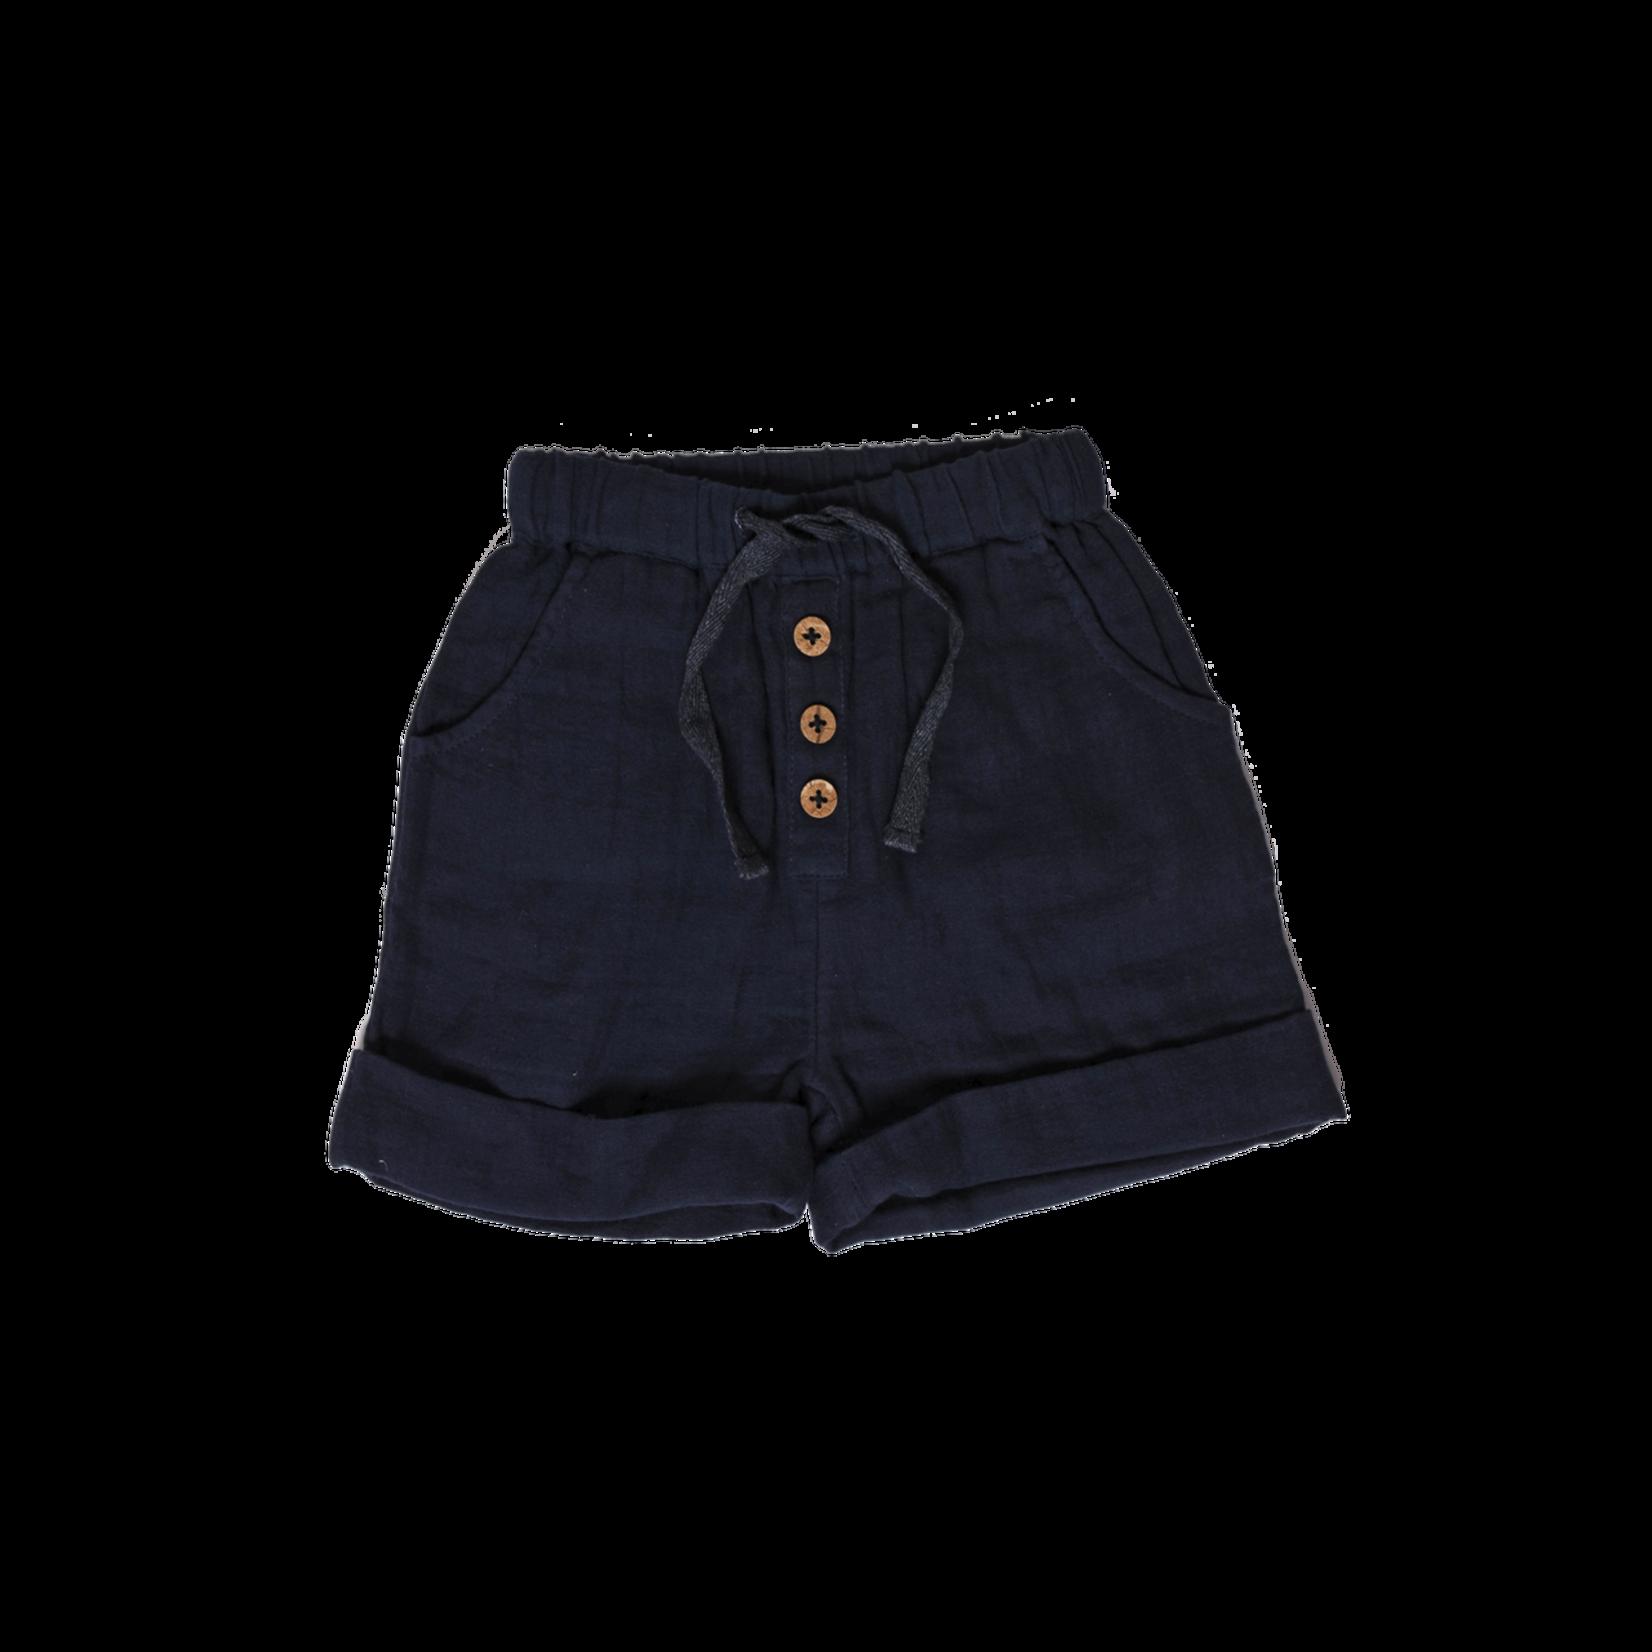 Babu Organic Muslin Cuff Shorts - Navy